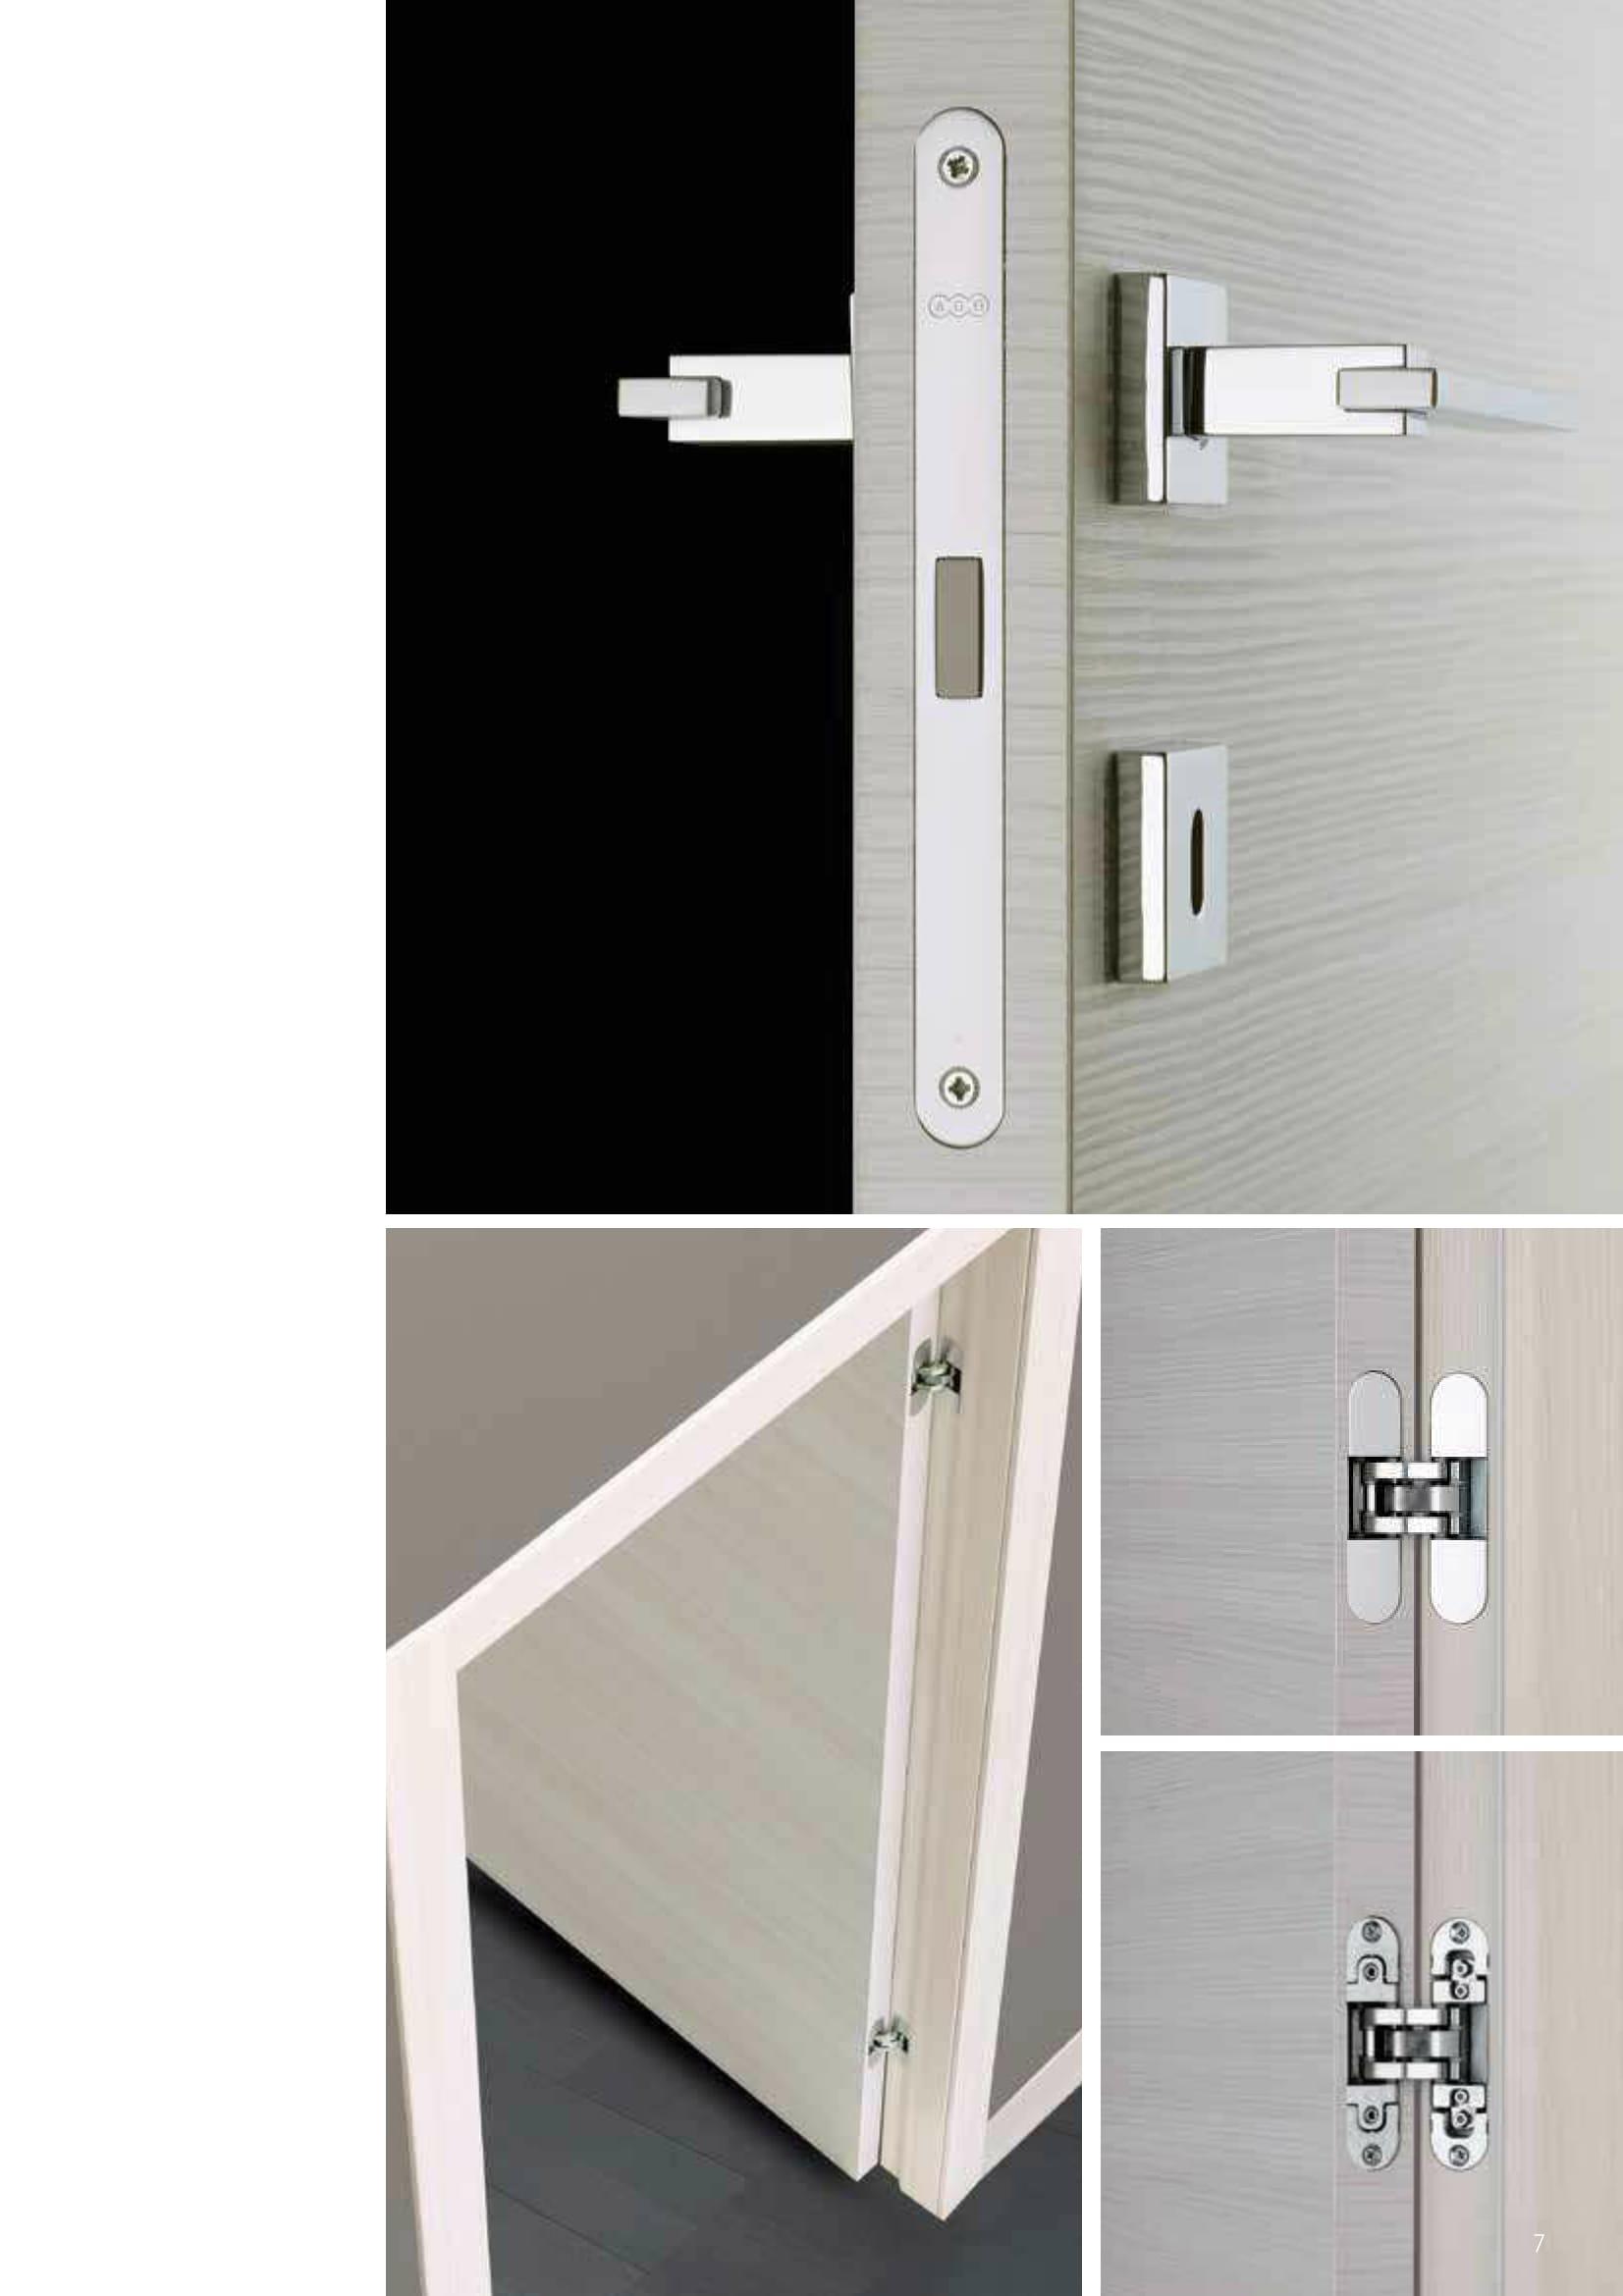 dettagli maniglia porte